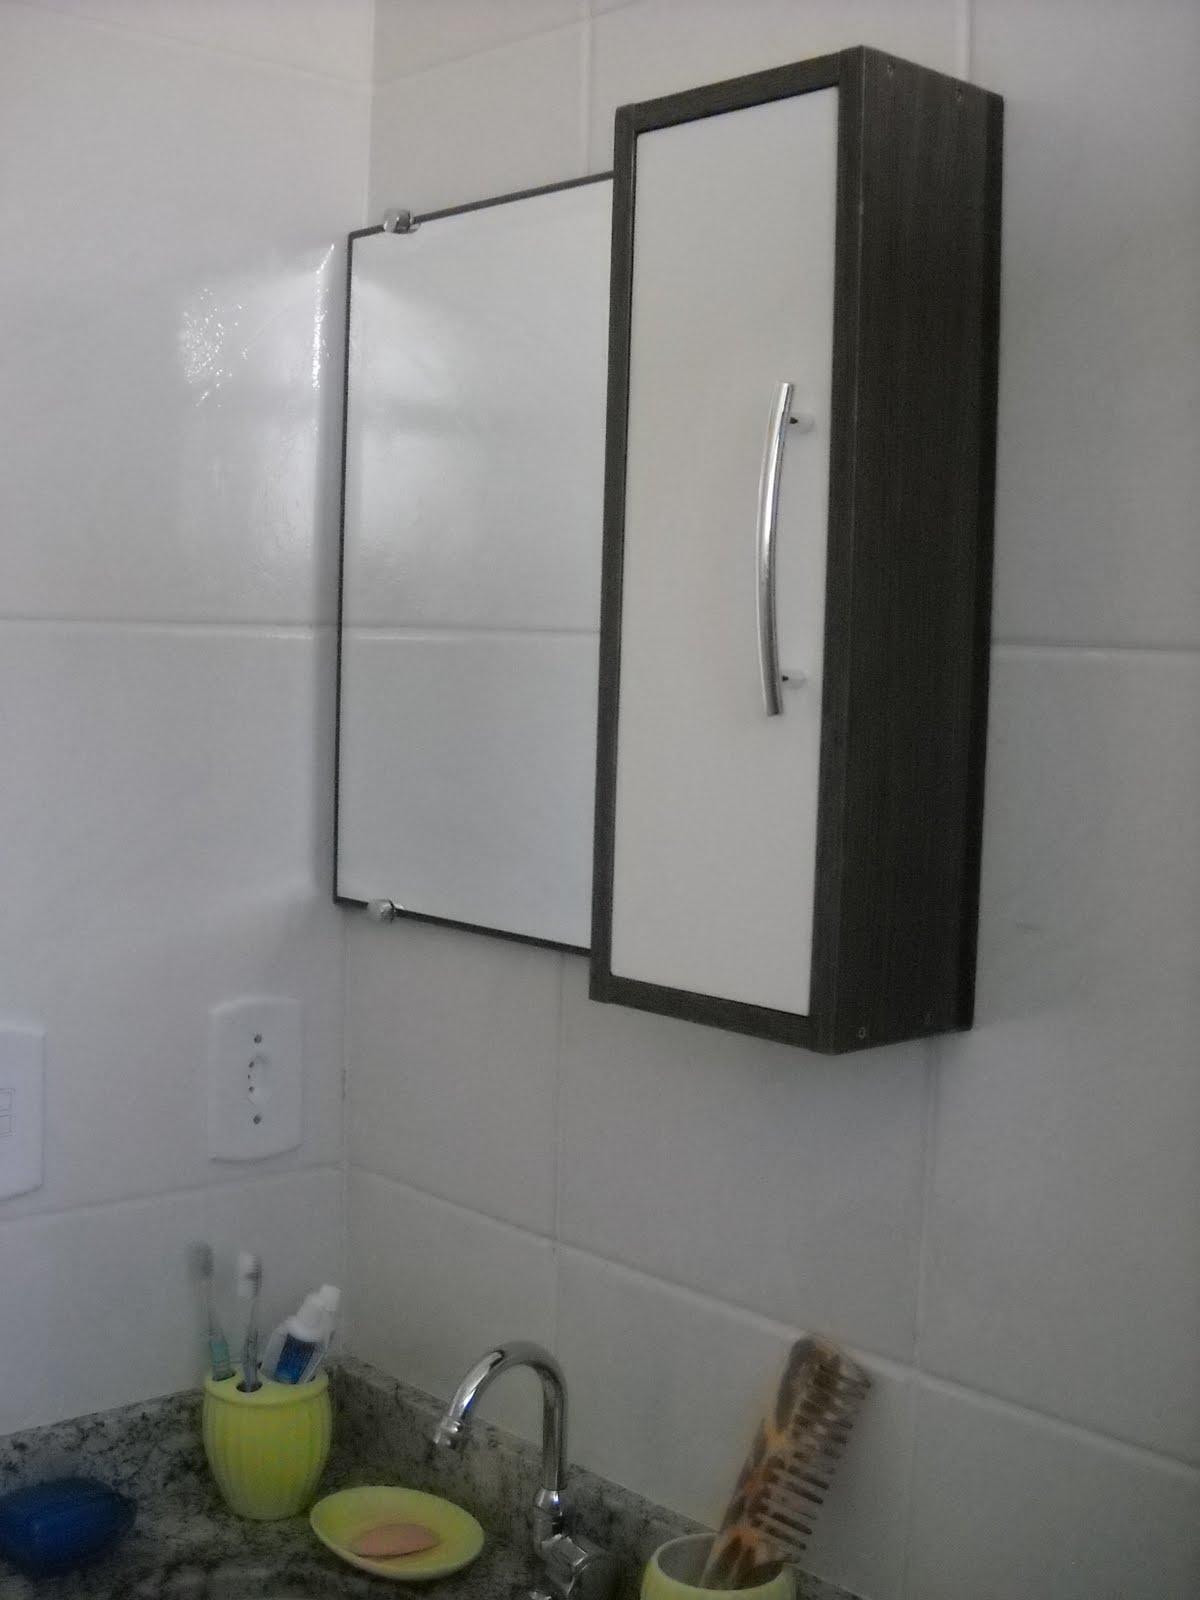 FR Design Móveis planejados: Armário com espelho para banheiro. #646640 1200x1600 Banheiro Acessivel Tamanho